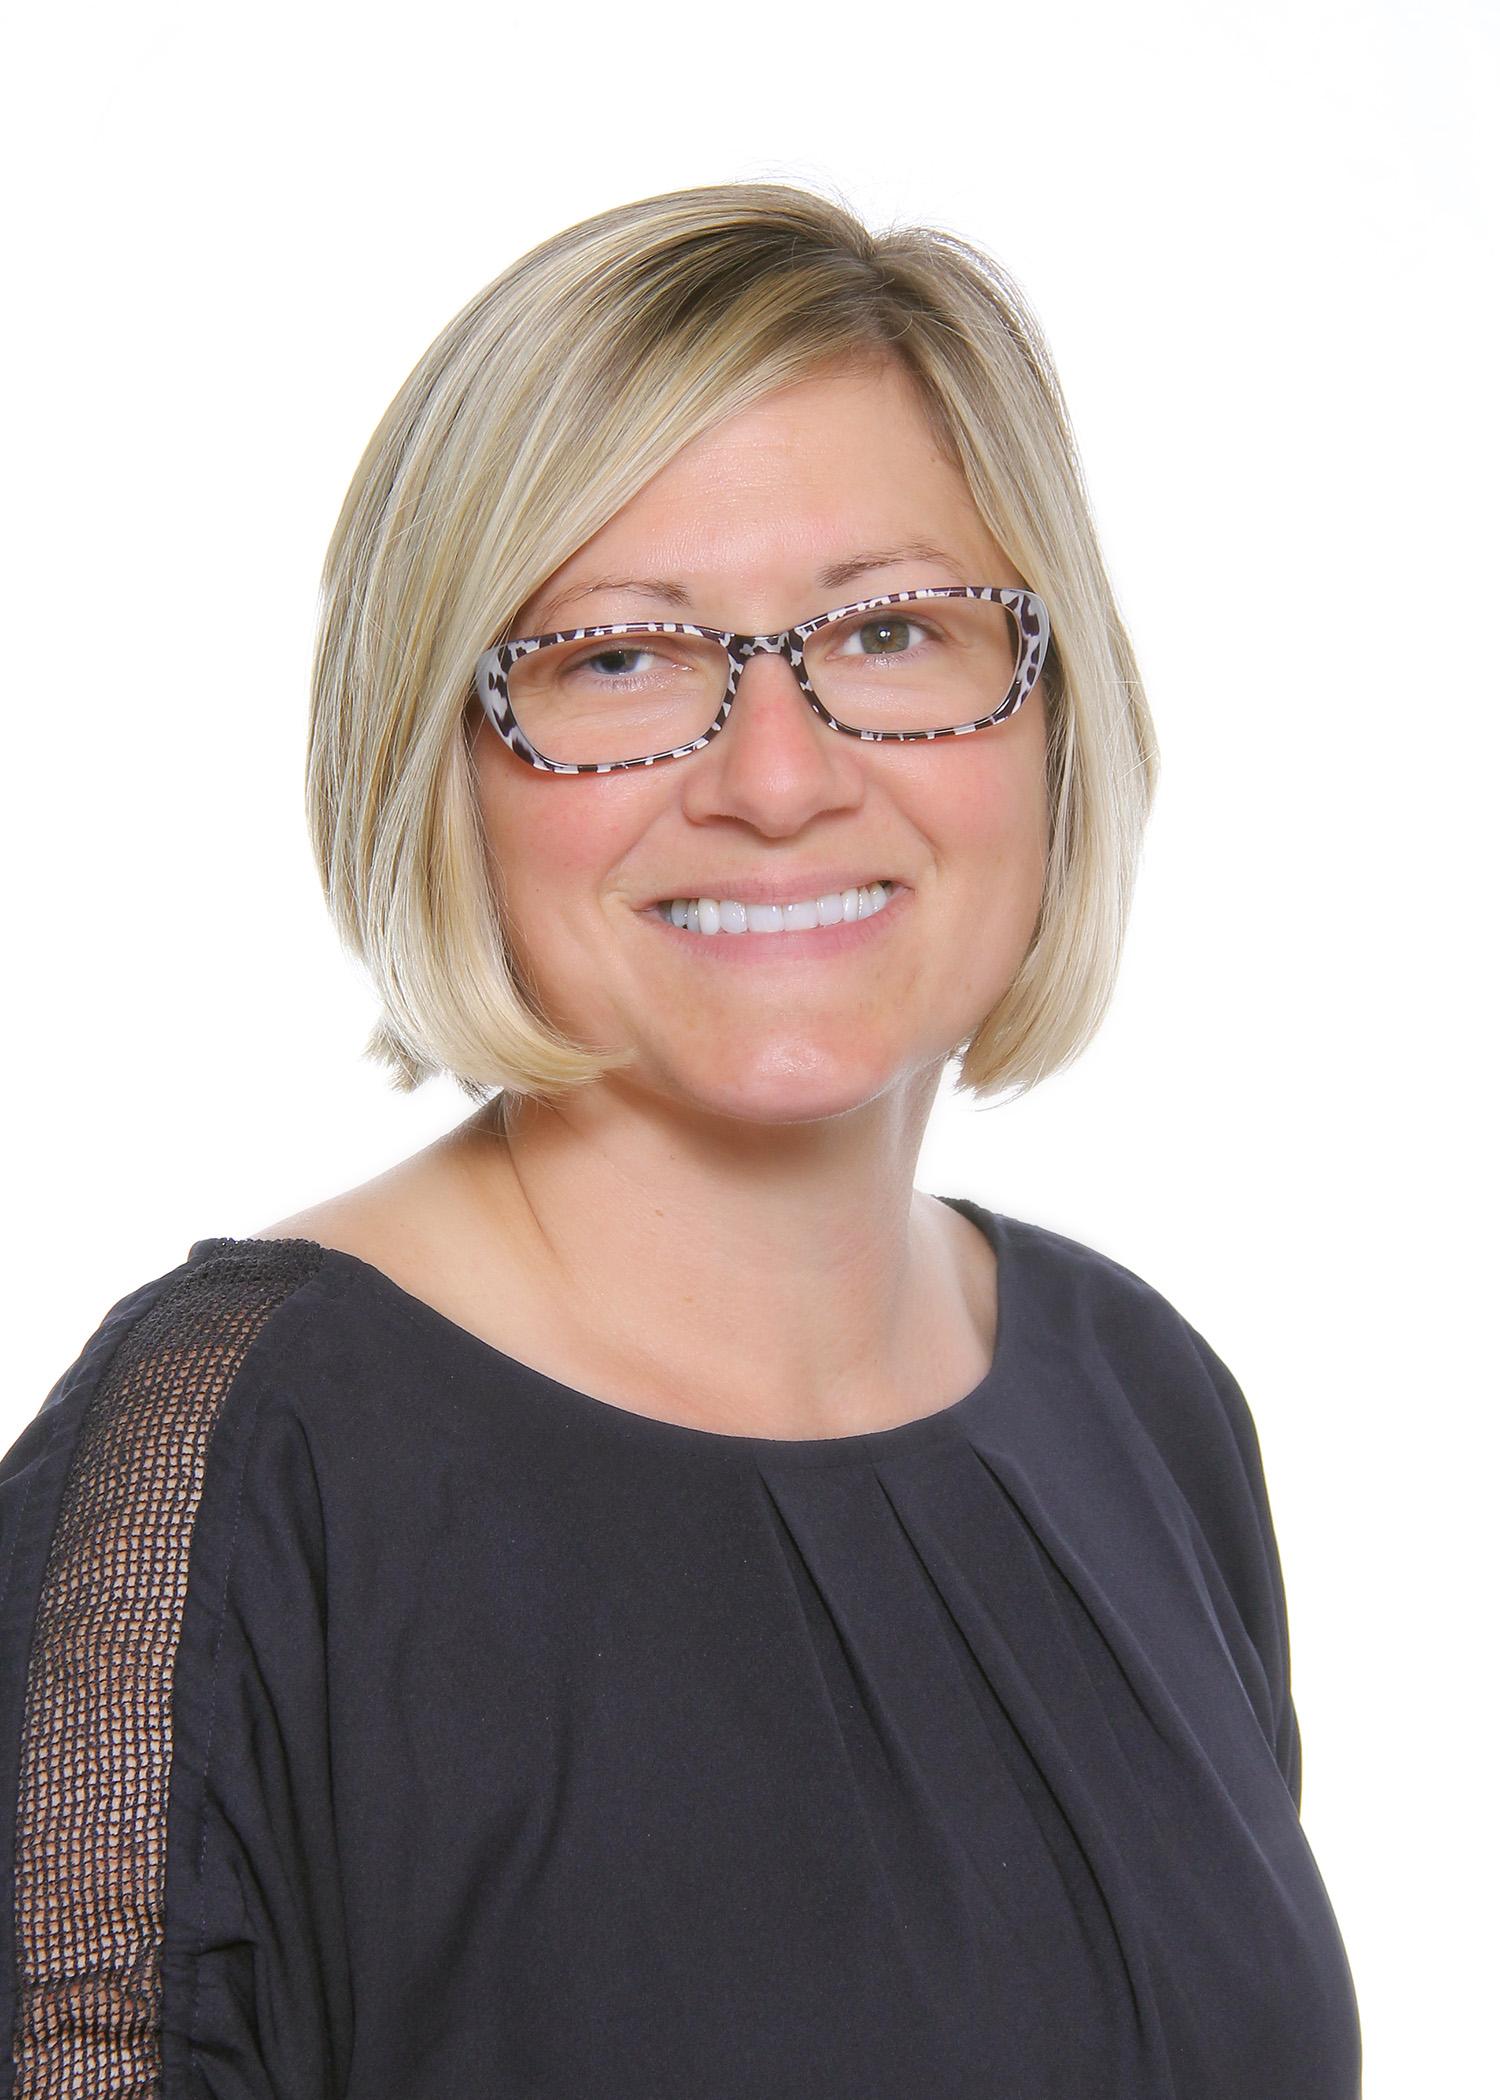 Stephanie M. Casey, CPA